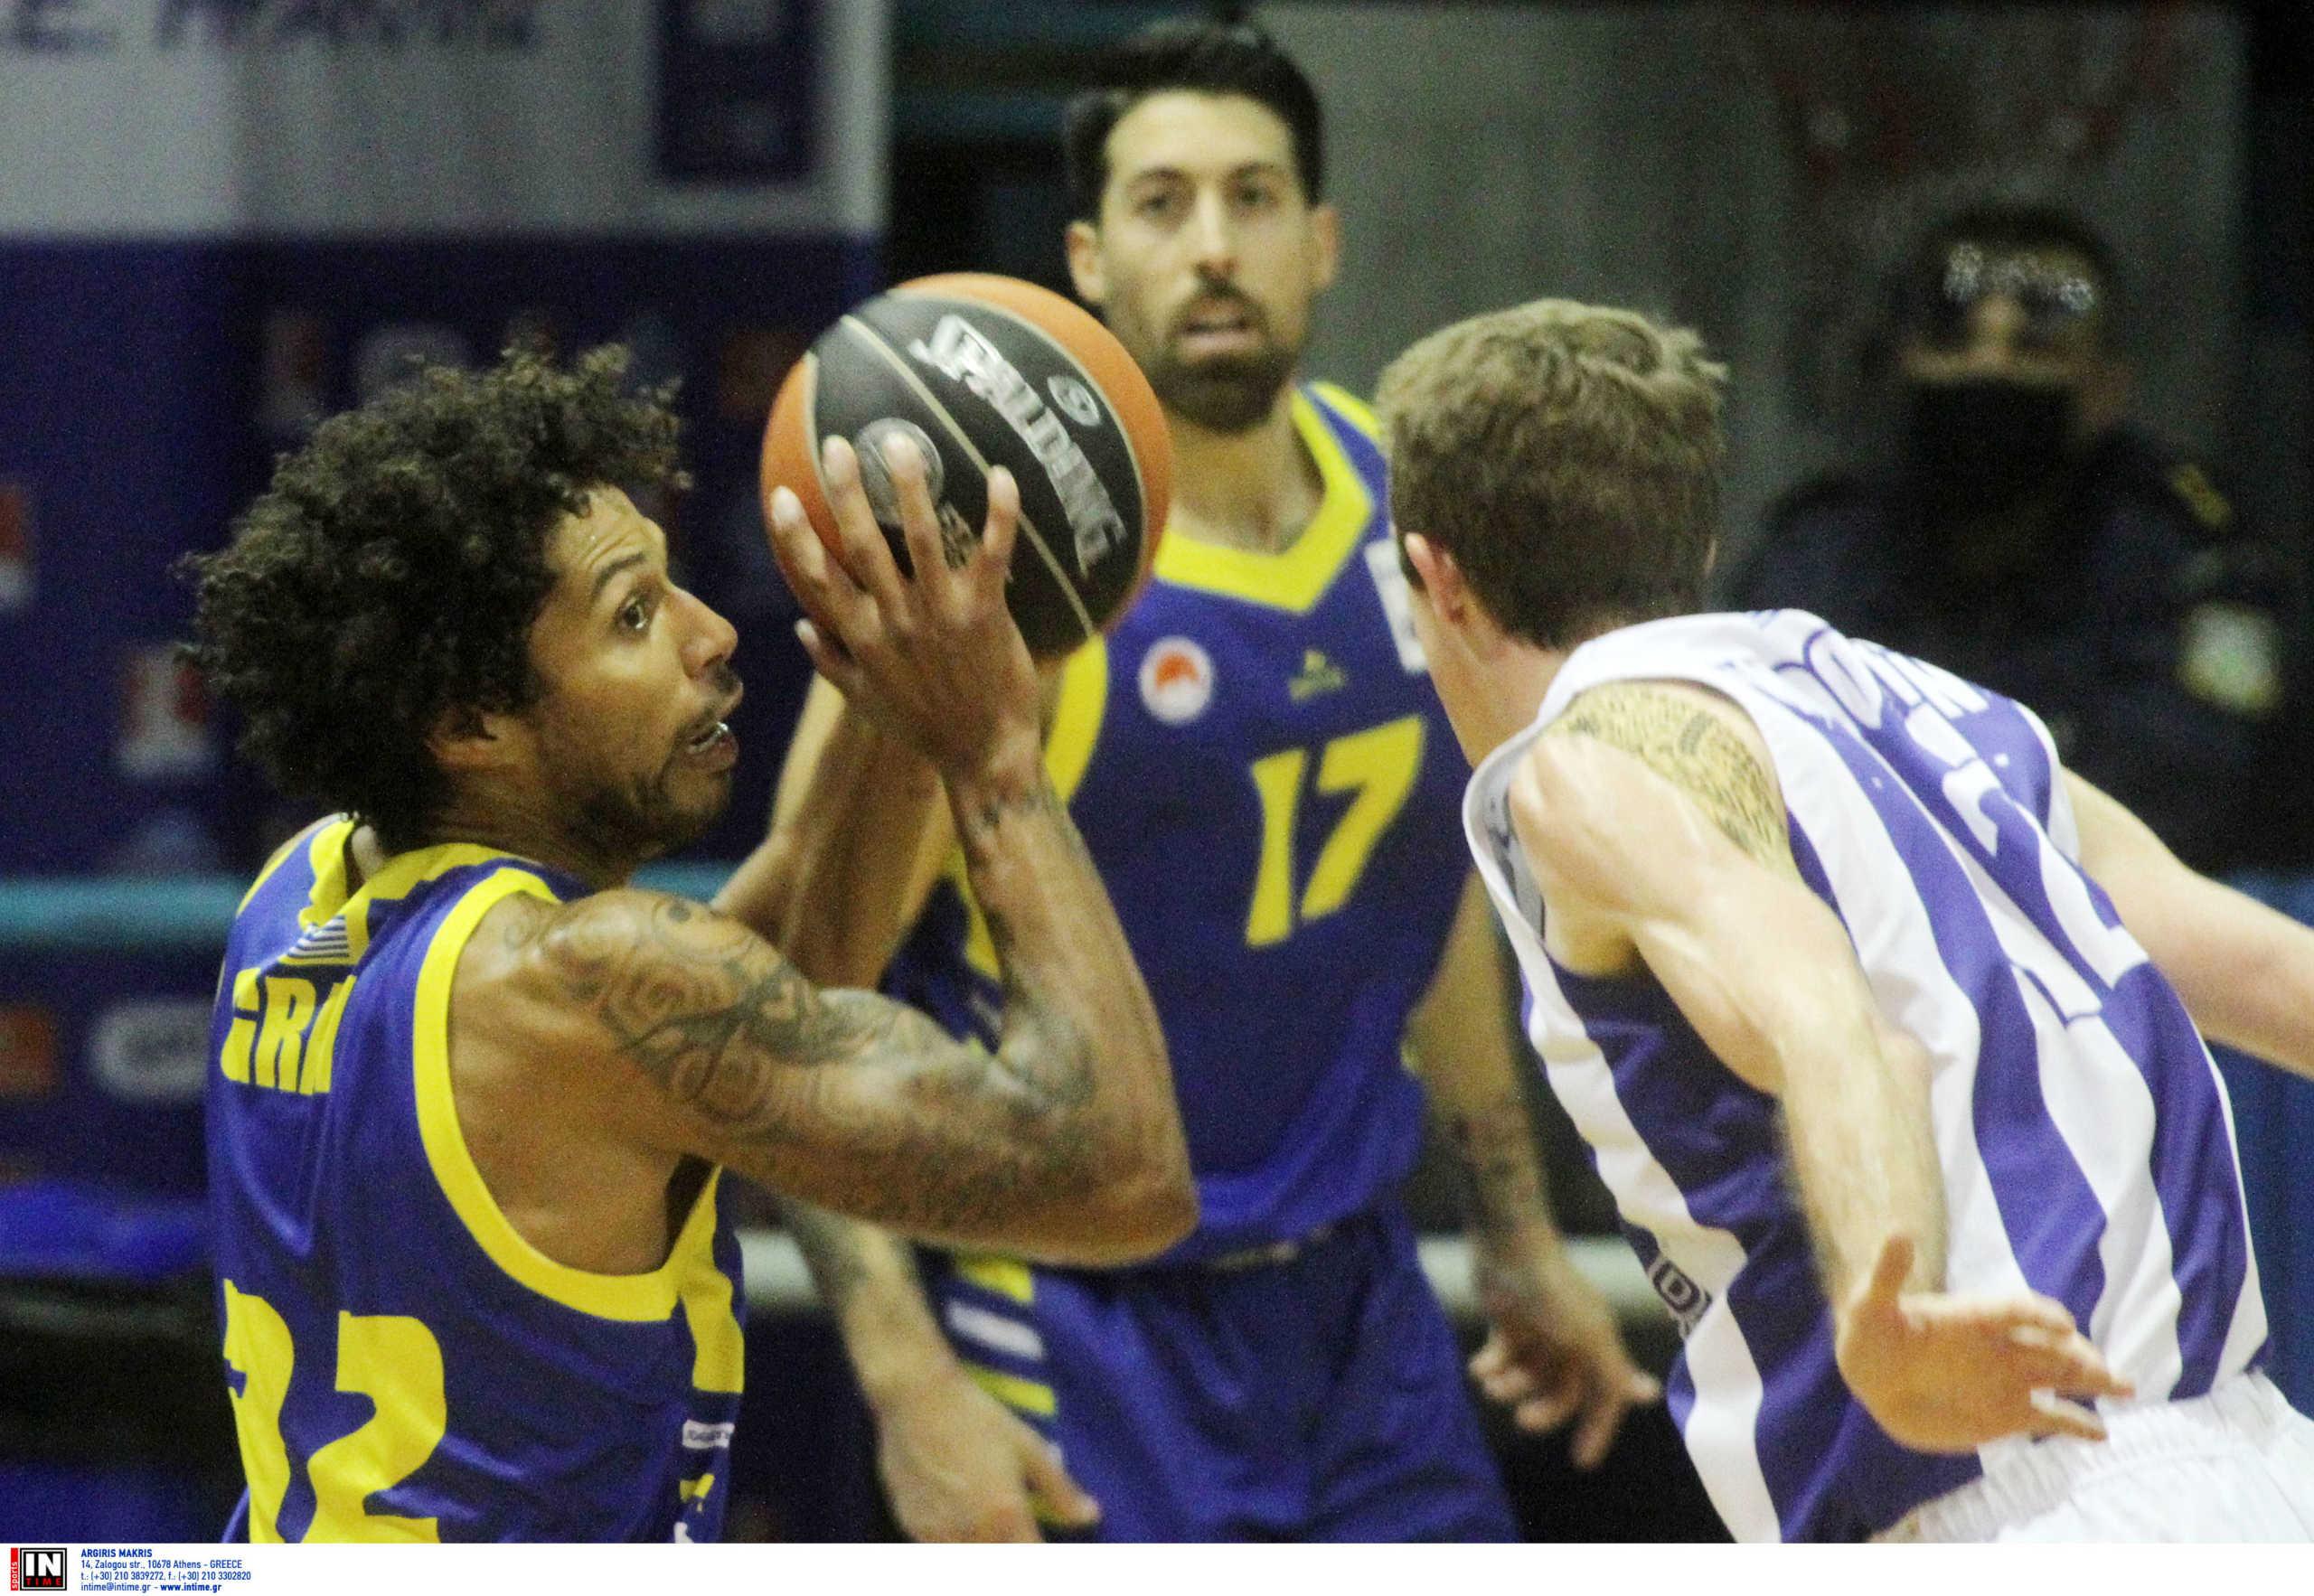 Basket League: Το Περιστέρι άλωσε το Ιβανώφειο στην παράταση – Πρώτη νίκη για Ιωνικό (video)